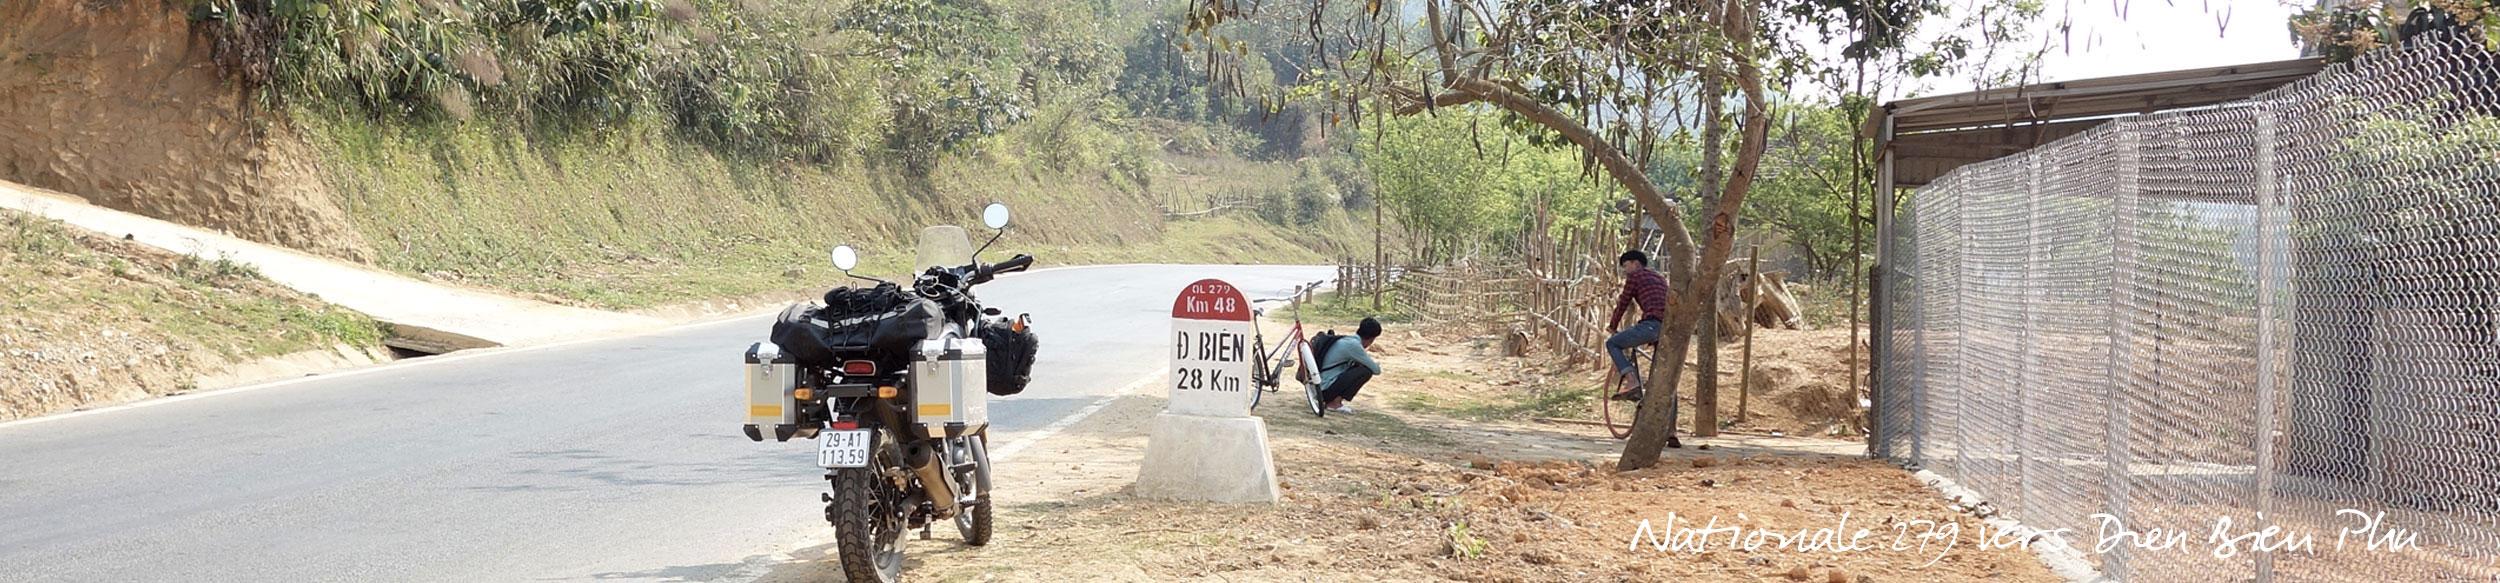 Dien Bien Phu à moto par la nationale 279